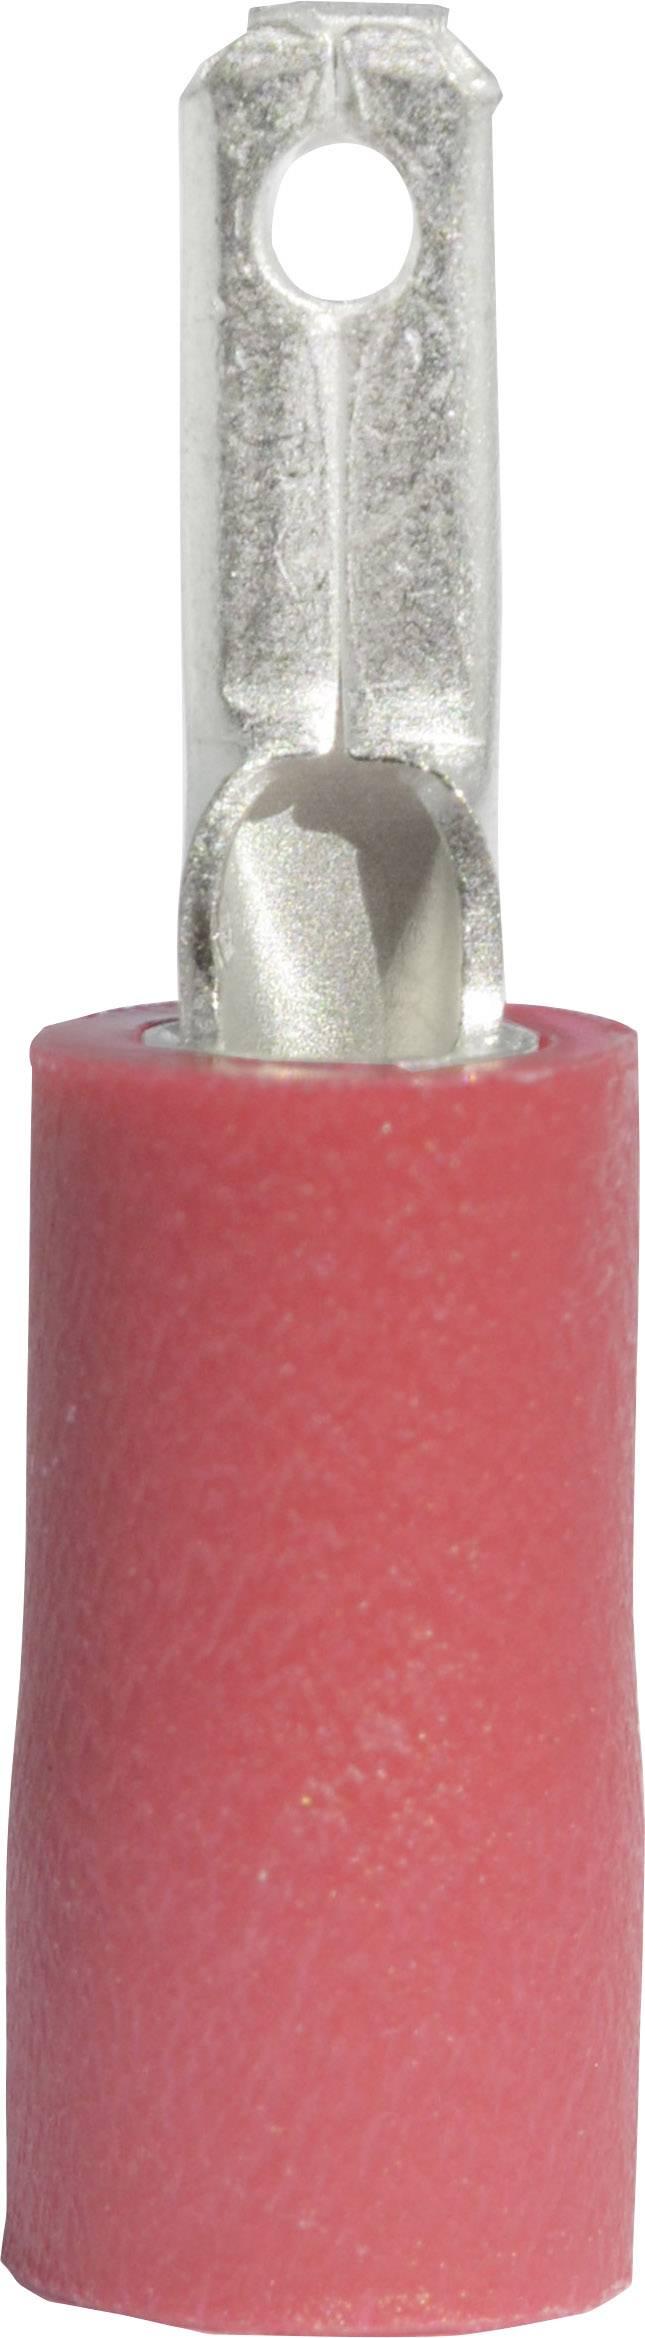 Faston konektor Vogt Verbindungstechnik 391308, šířka 2.8 mm částečná izolace, červená, 1 ks